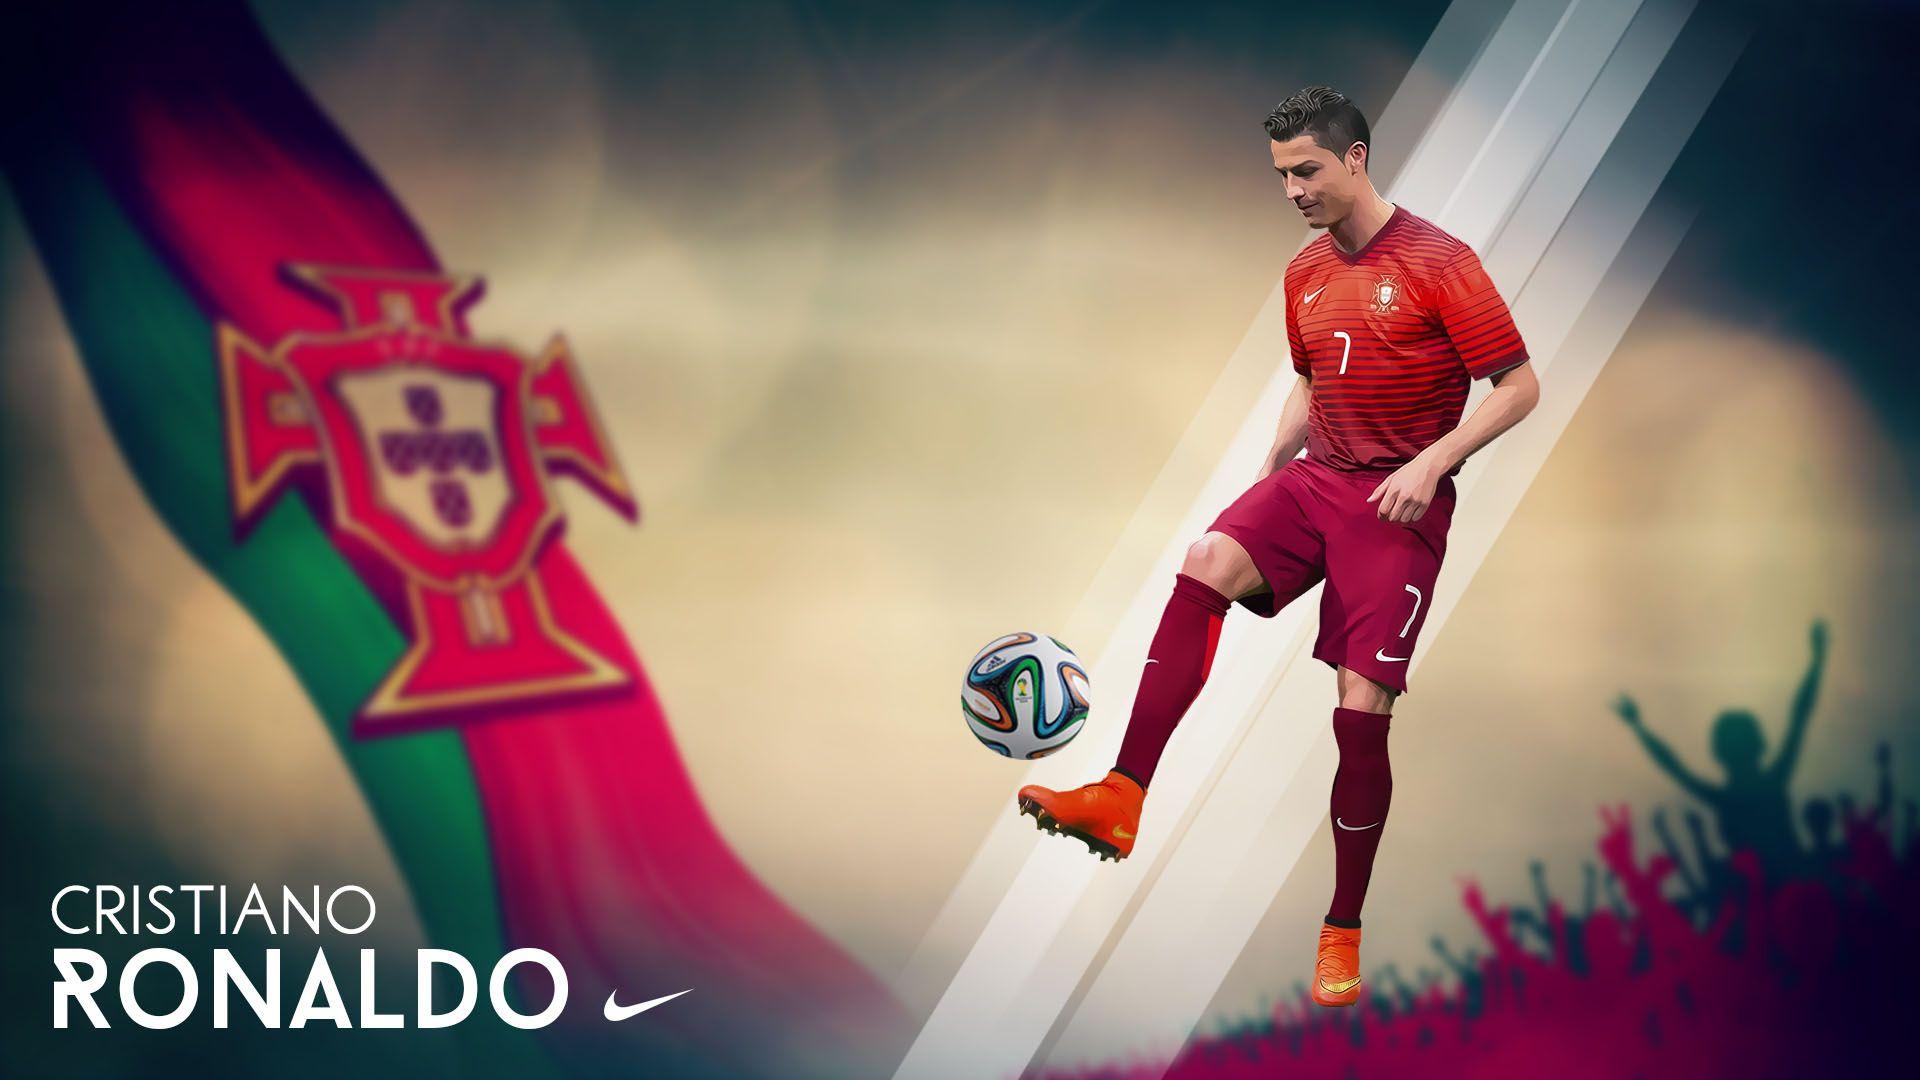 Cristiano Ronaldo Portugal Fifa World Cup 2014 Wallpaper